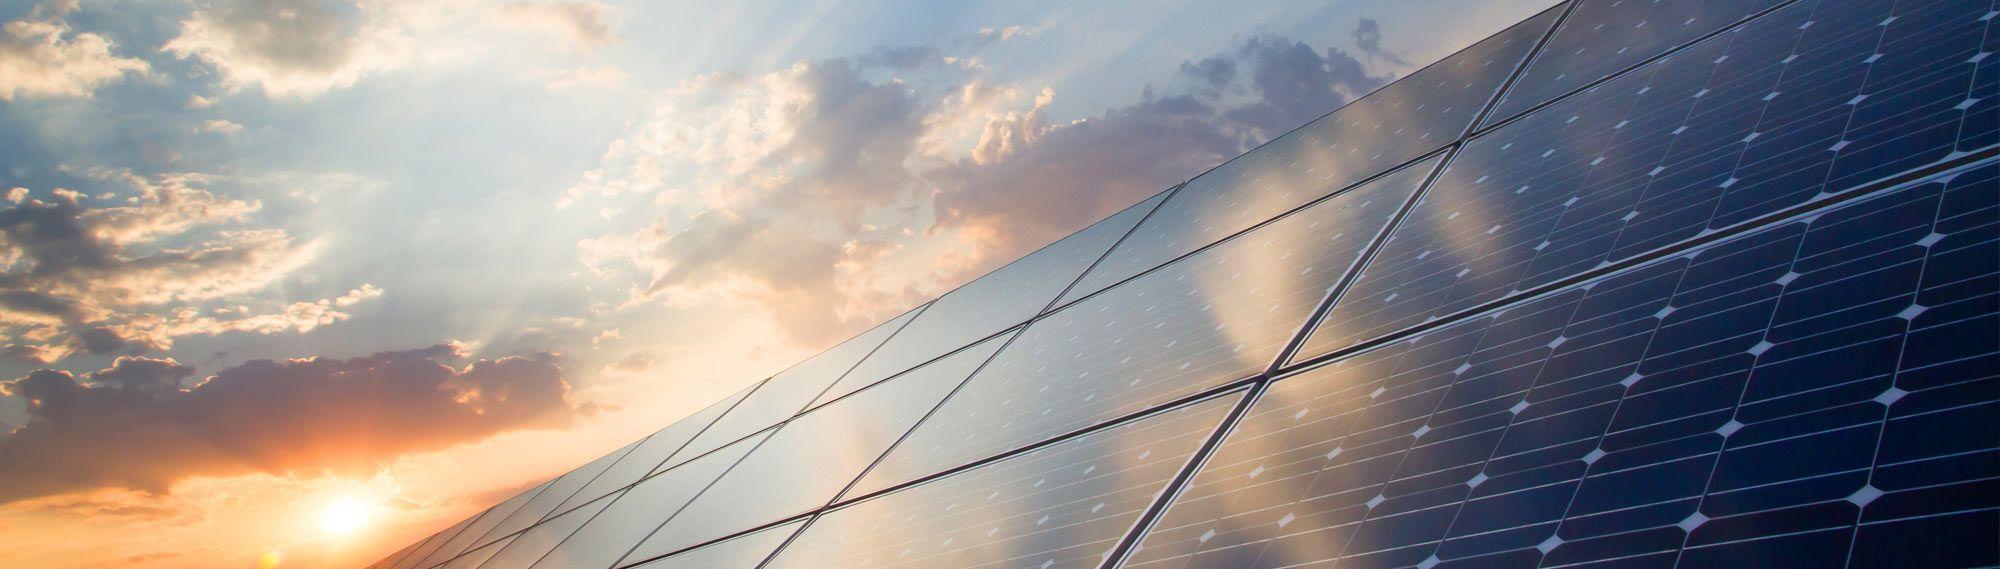 JEG-Elektrotechnik - Jörg Steiner - Photovoltaikanlagen für Privathaushalte und Unternehmer